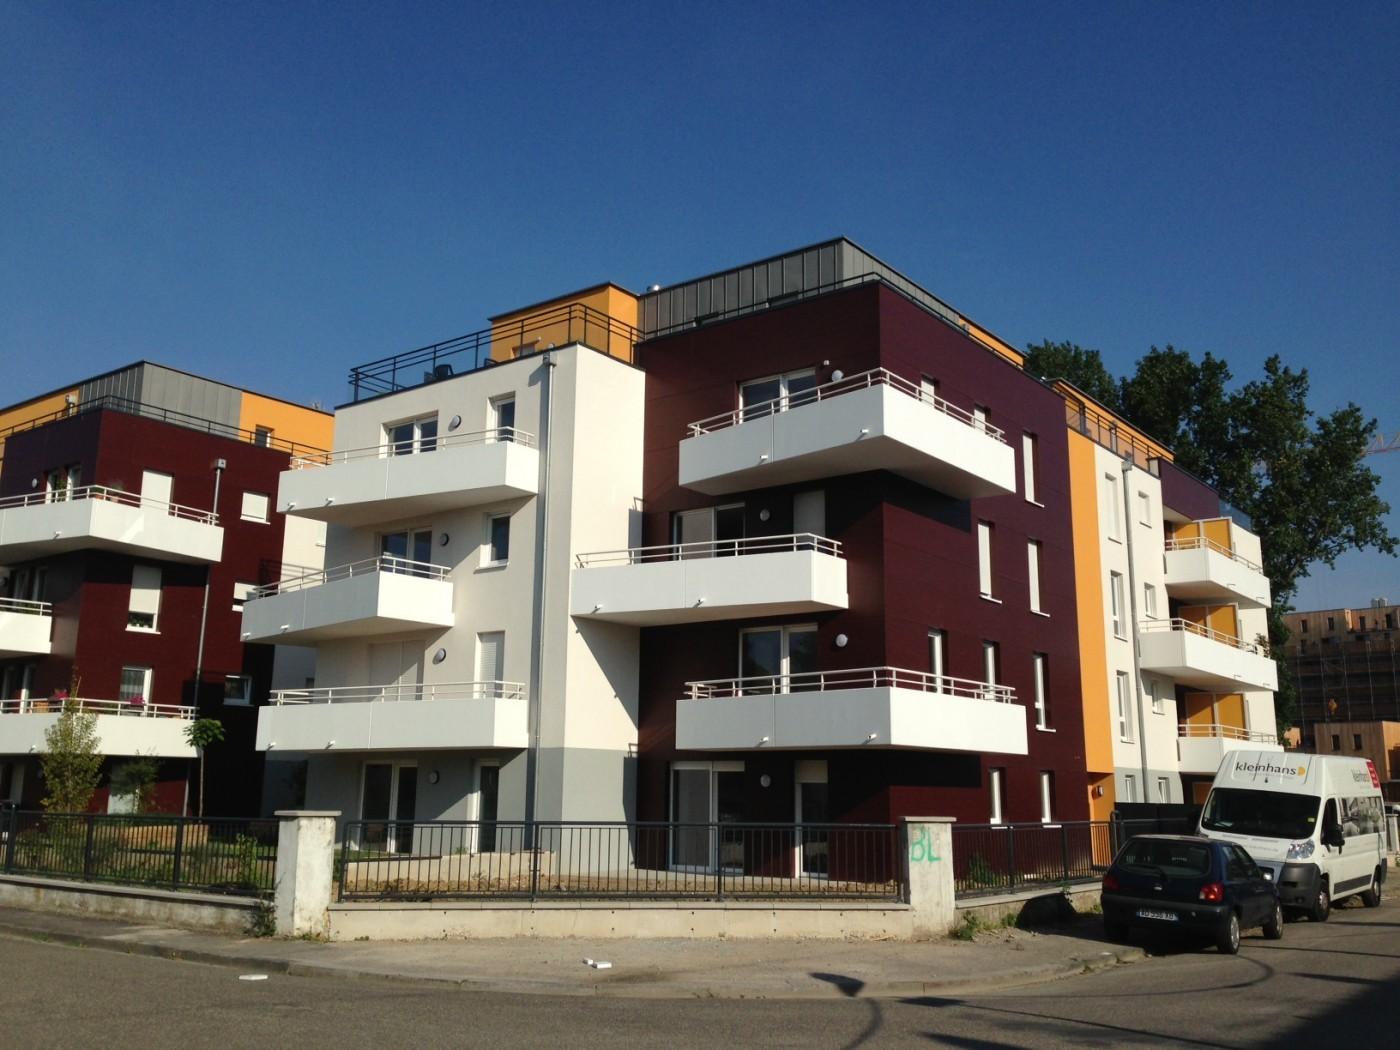 Bitz immobilier vente et location d 39 appartements et de for Garage strasbourg neudorf